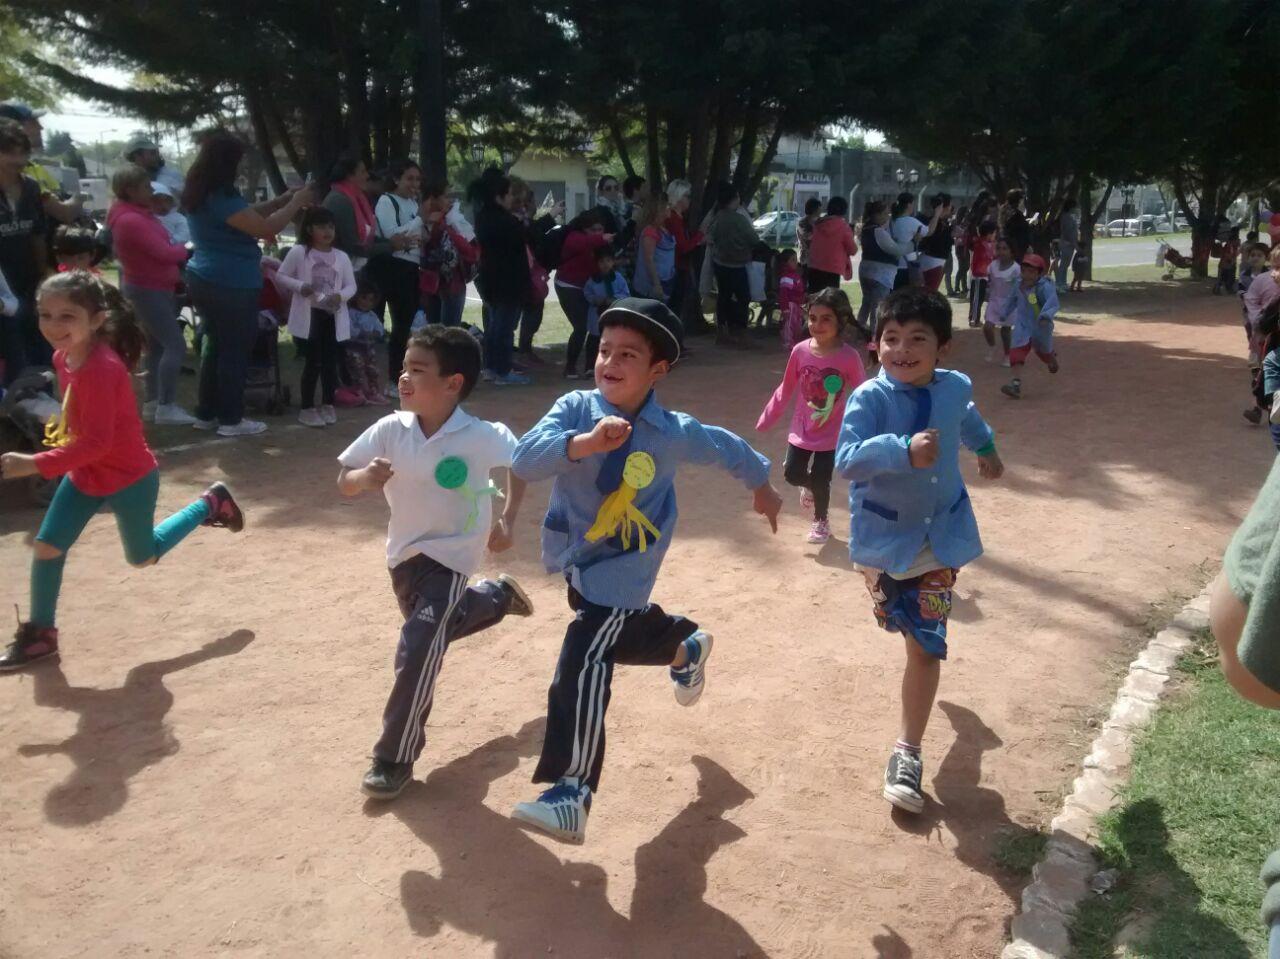 Los pequeños participando de una carrera de velocidad